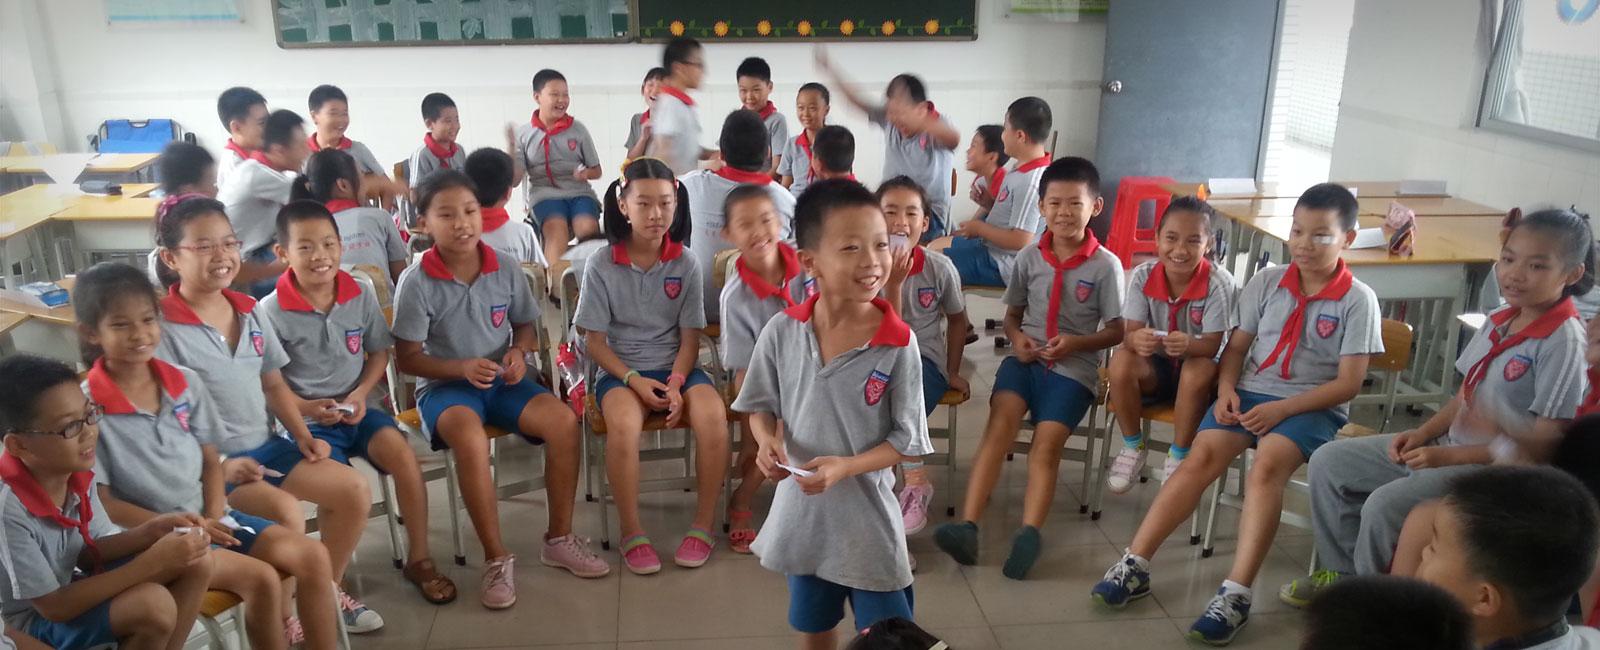 Das chinesische Schulsystem